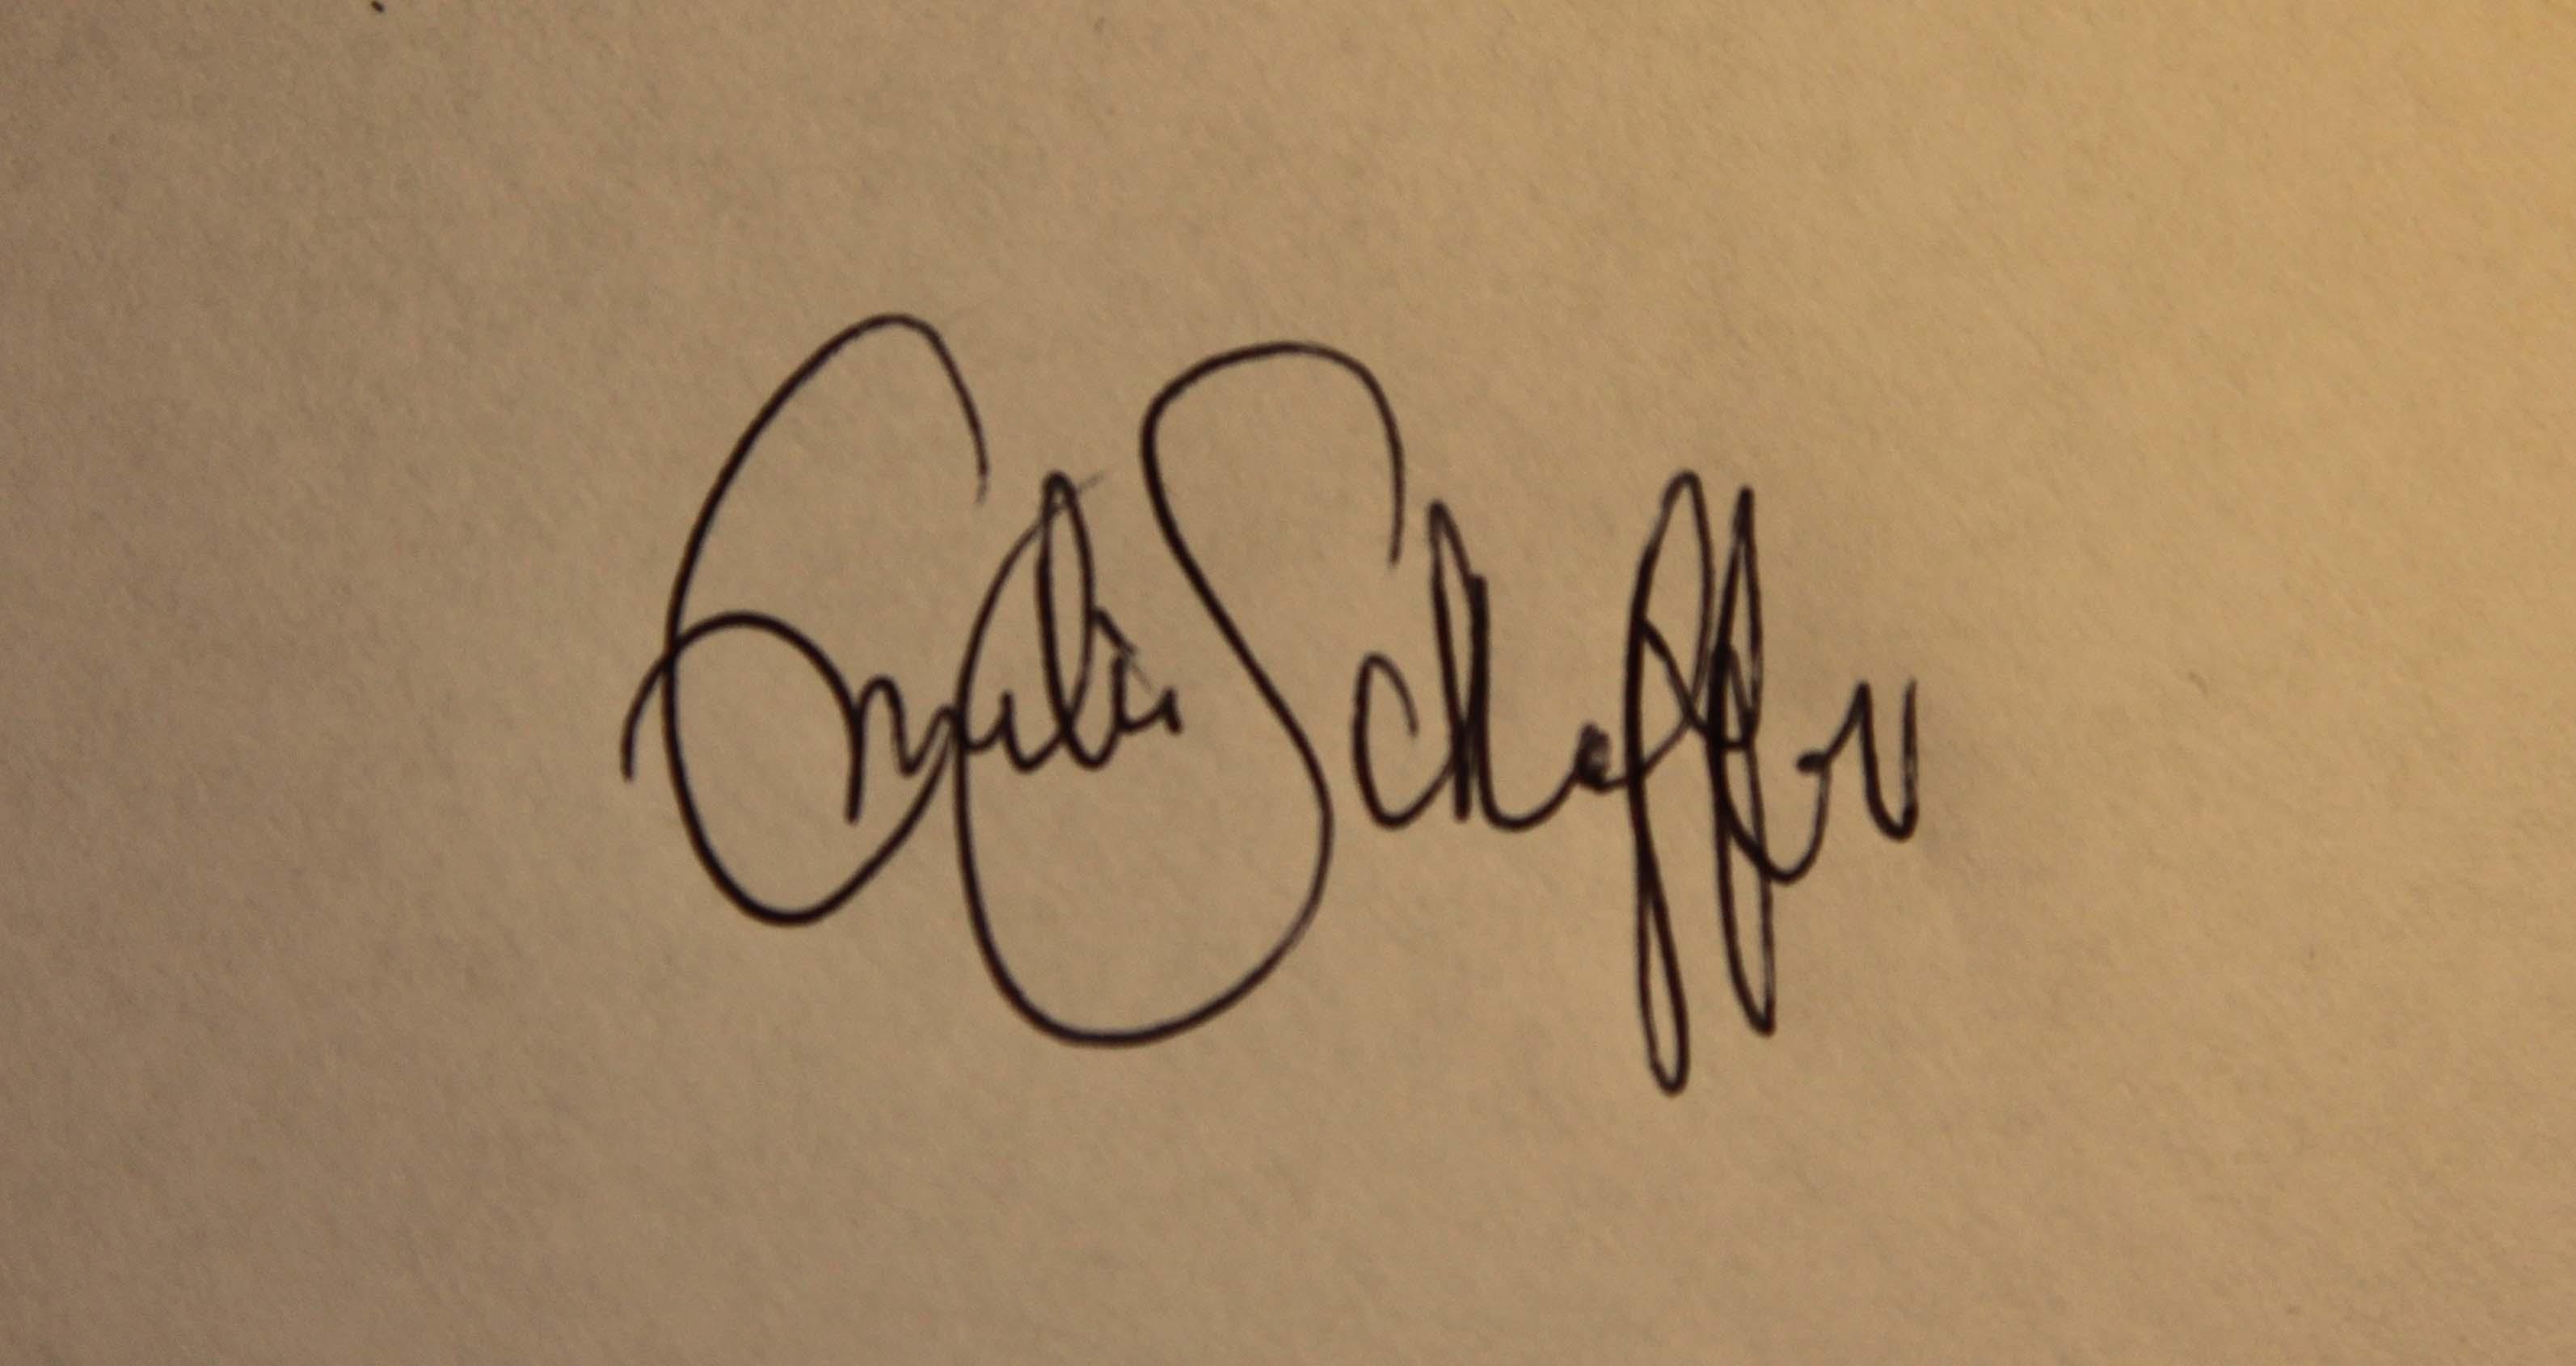 Emilia Heiskanen's Signature